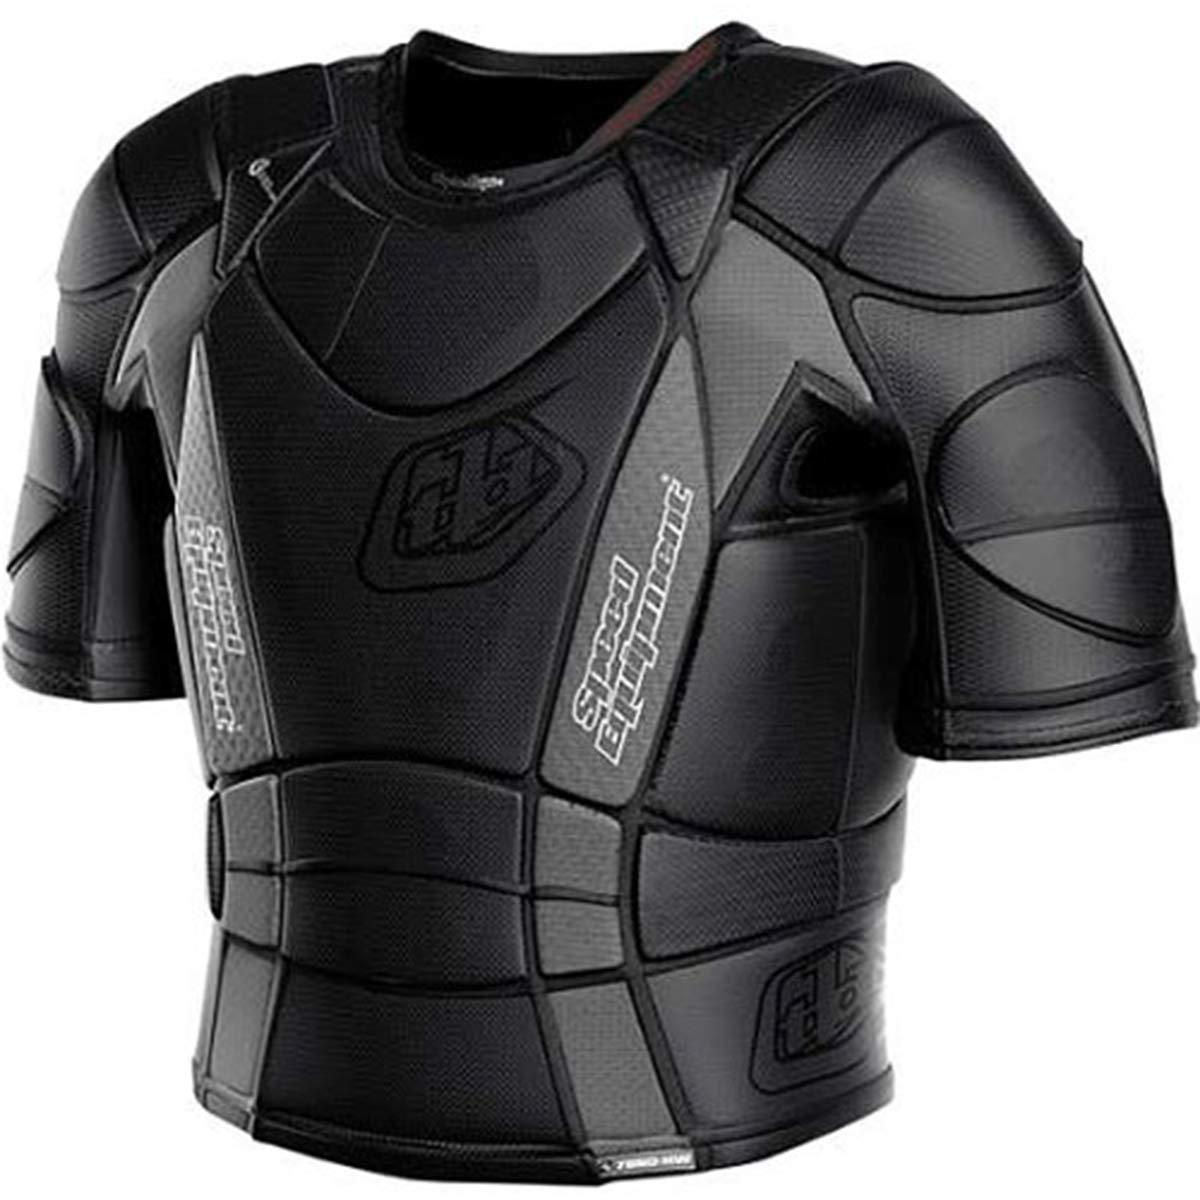 Troy Lee Designs BP 7850-HW Shirt Adult Undergarment Off-Road/Dirt Bike Motorcycle Body Armor - Black/Medium by Troy Lee Designs